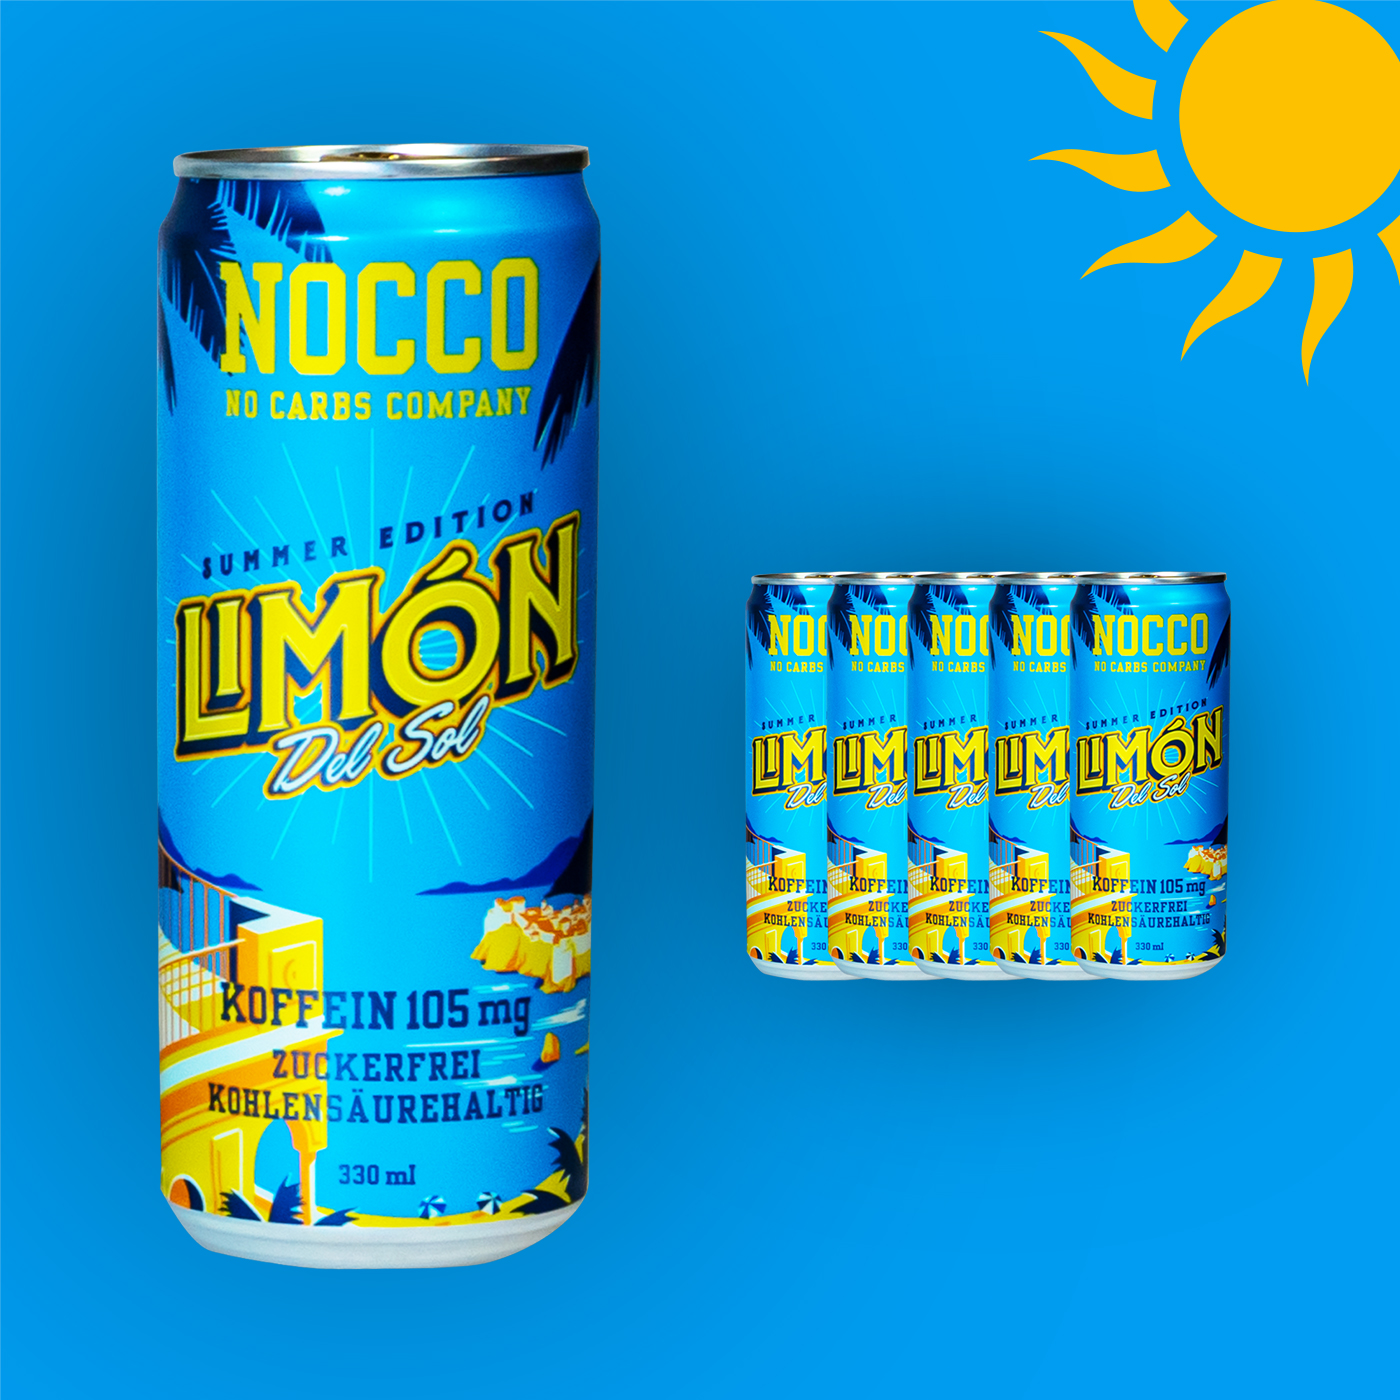 NOCCO BCAA Sport-Drink, Limon del Sol, erfrischendes Getränk mit Koffein, FEFLOGX Sportswear.